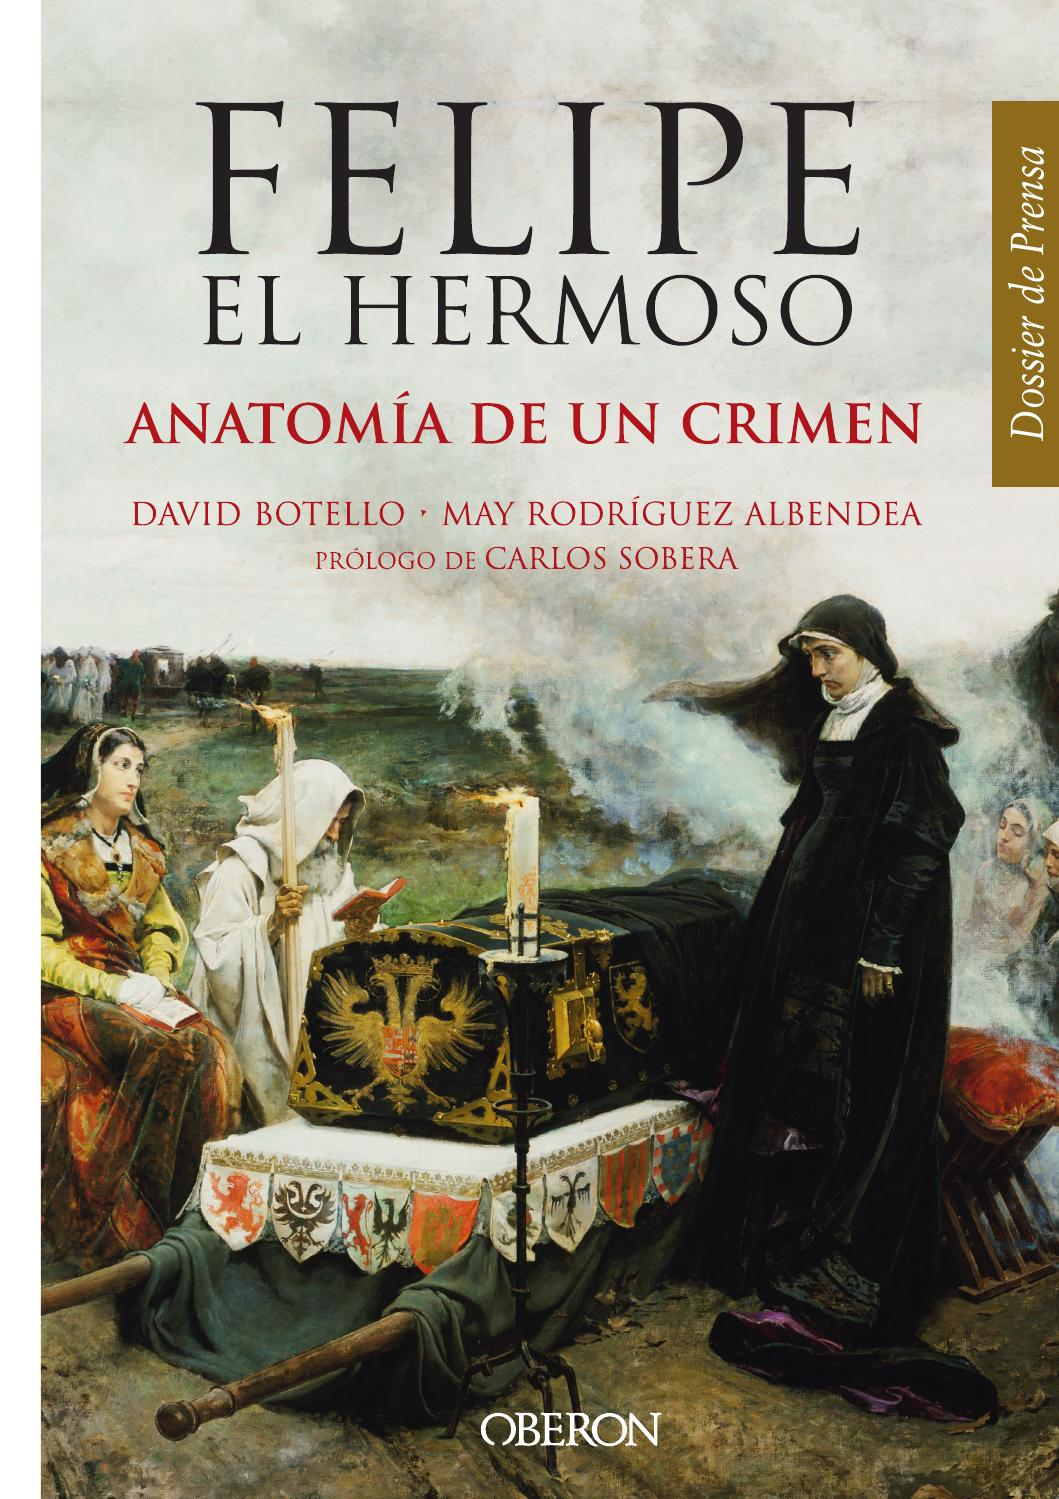 Felipe el Hermoso. Anatomía de un crimen. Oberon by Grupo Anaya, SA ...